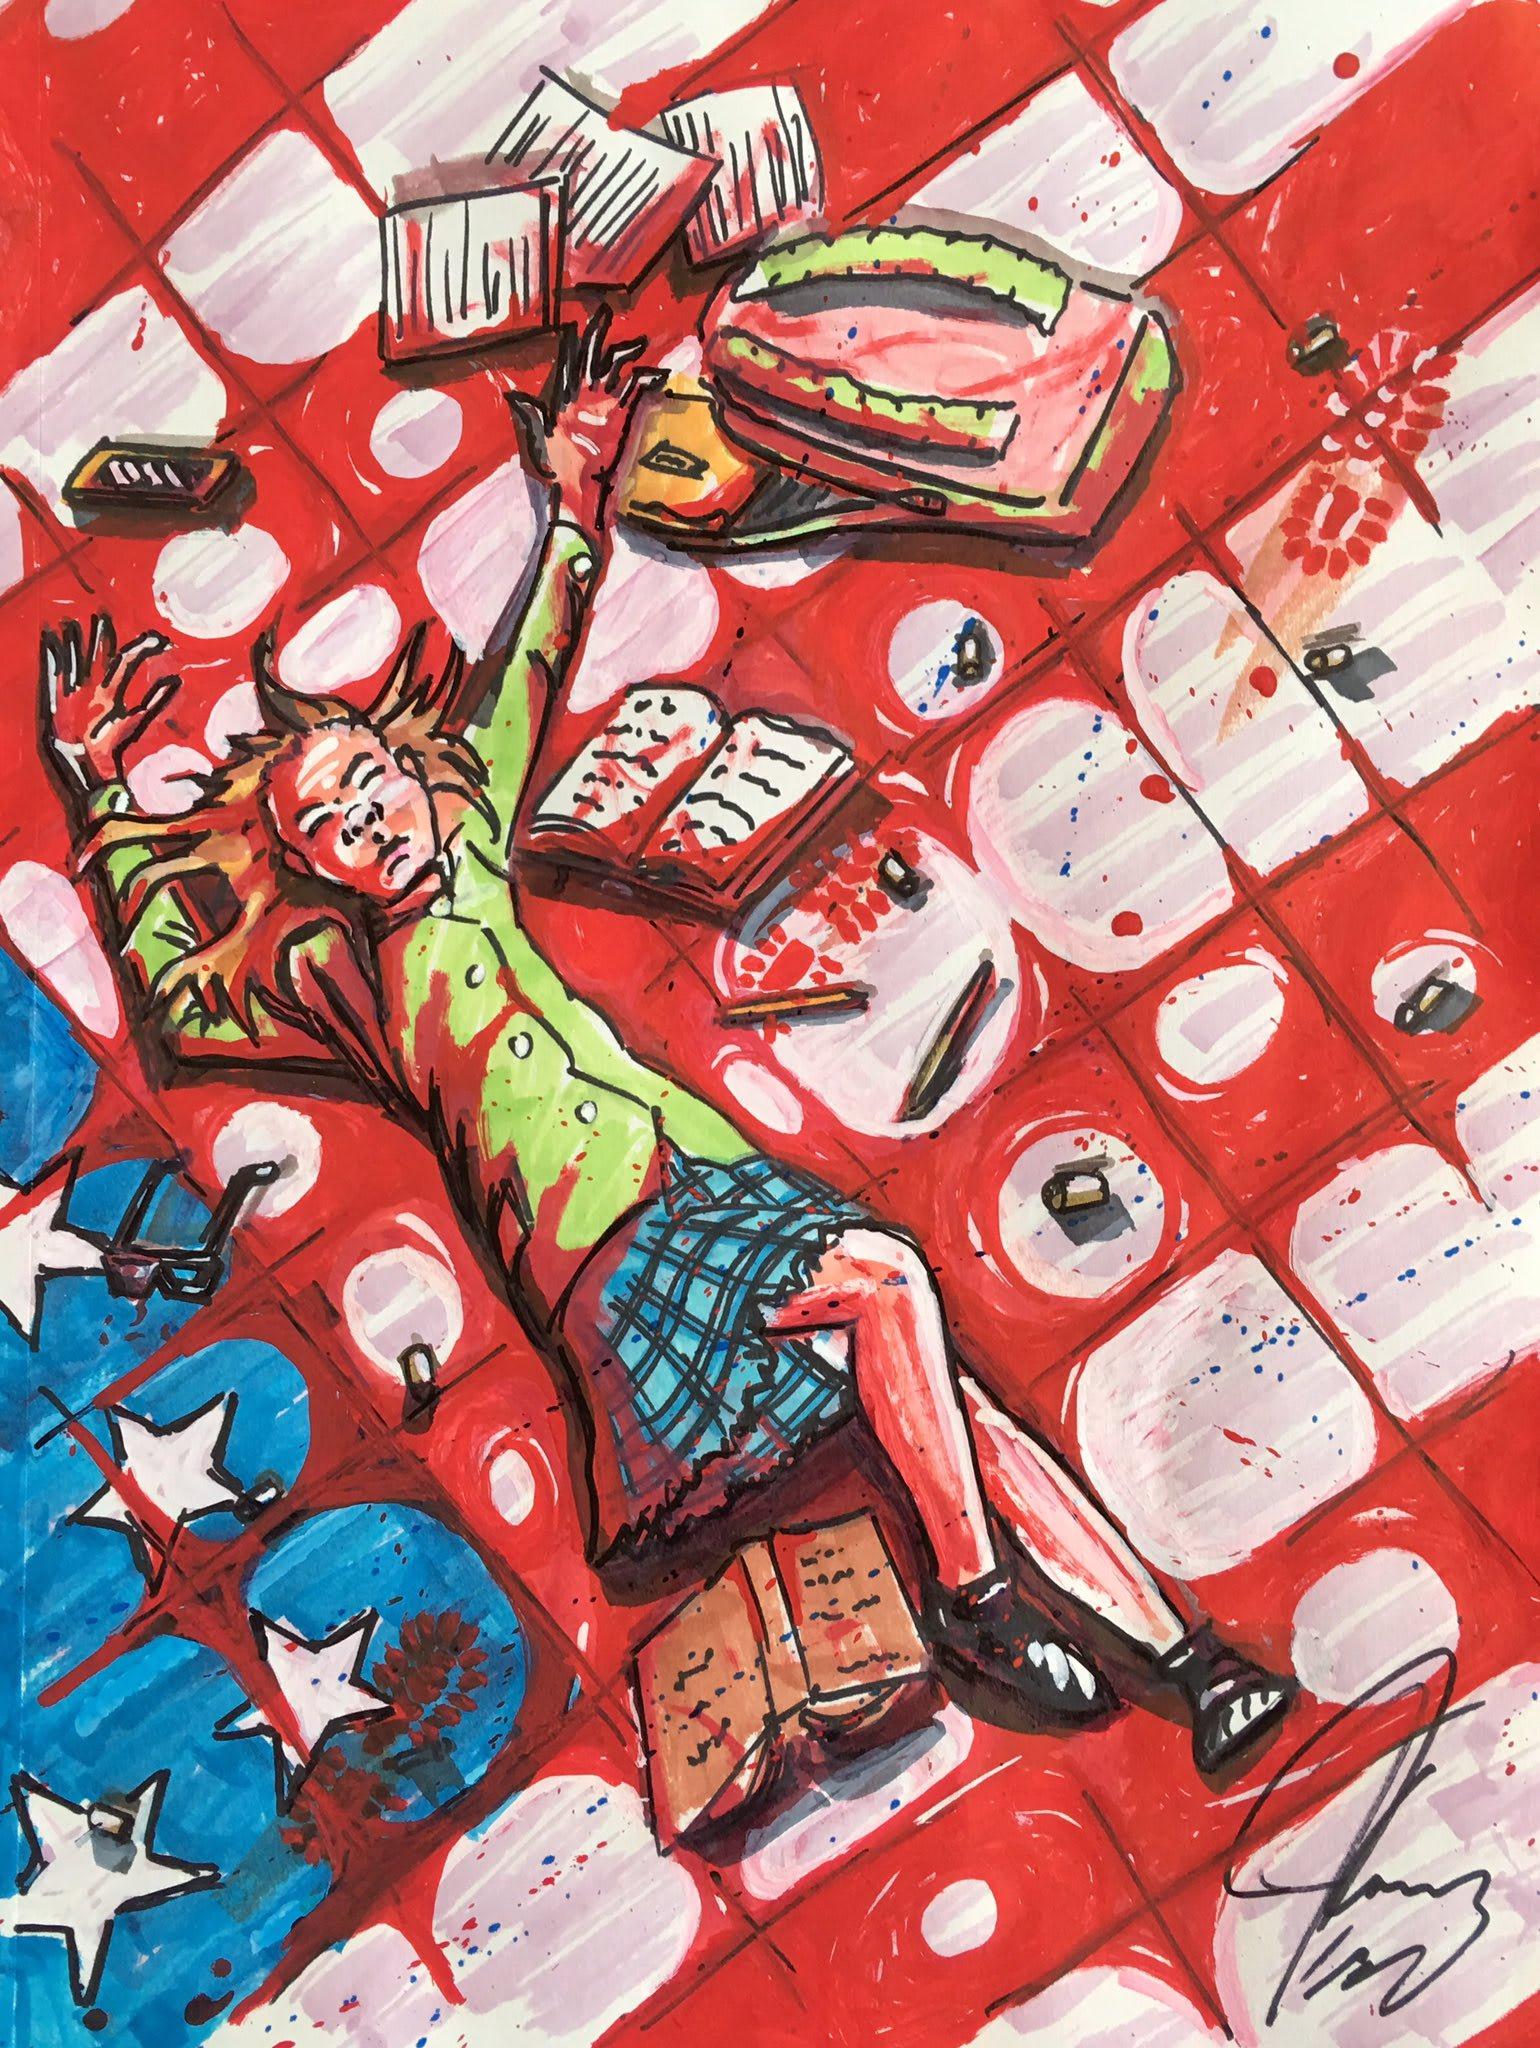 ما الذي تعكسه الرسومات السياسية للممثل الكوميدي جيم كاري؟